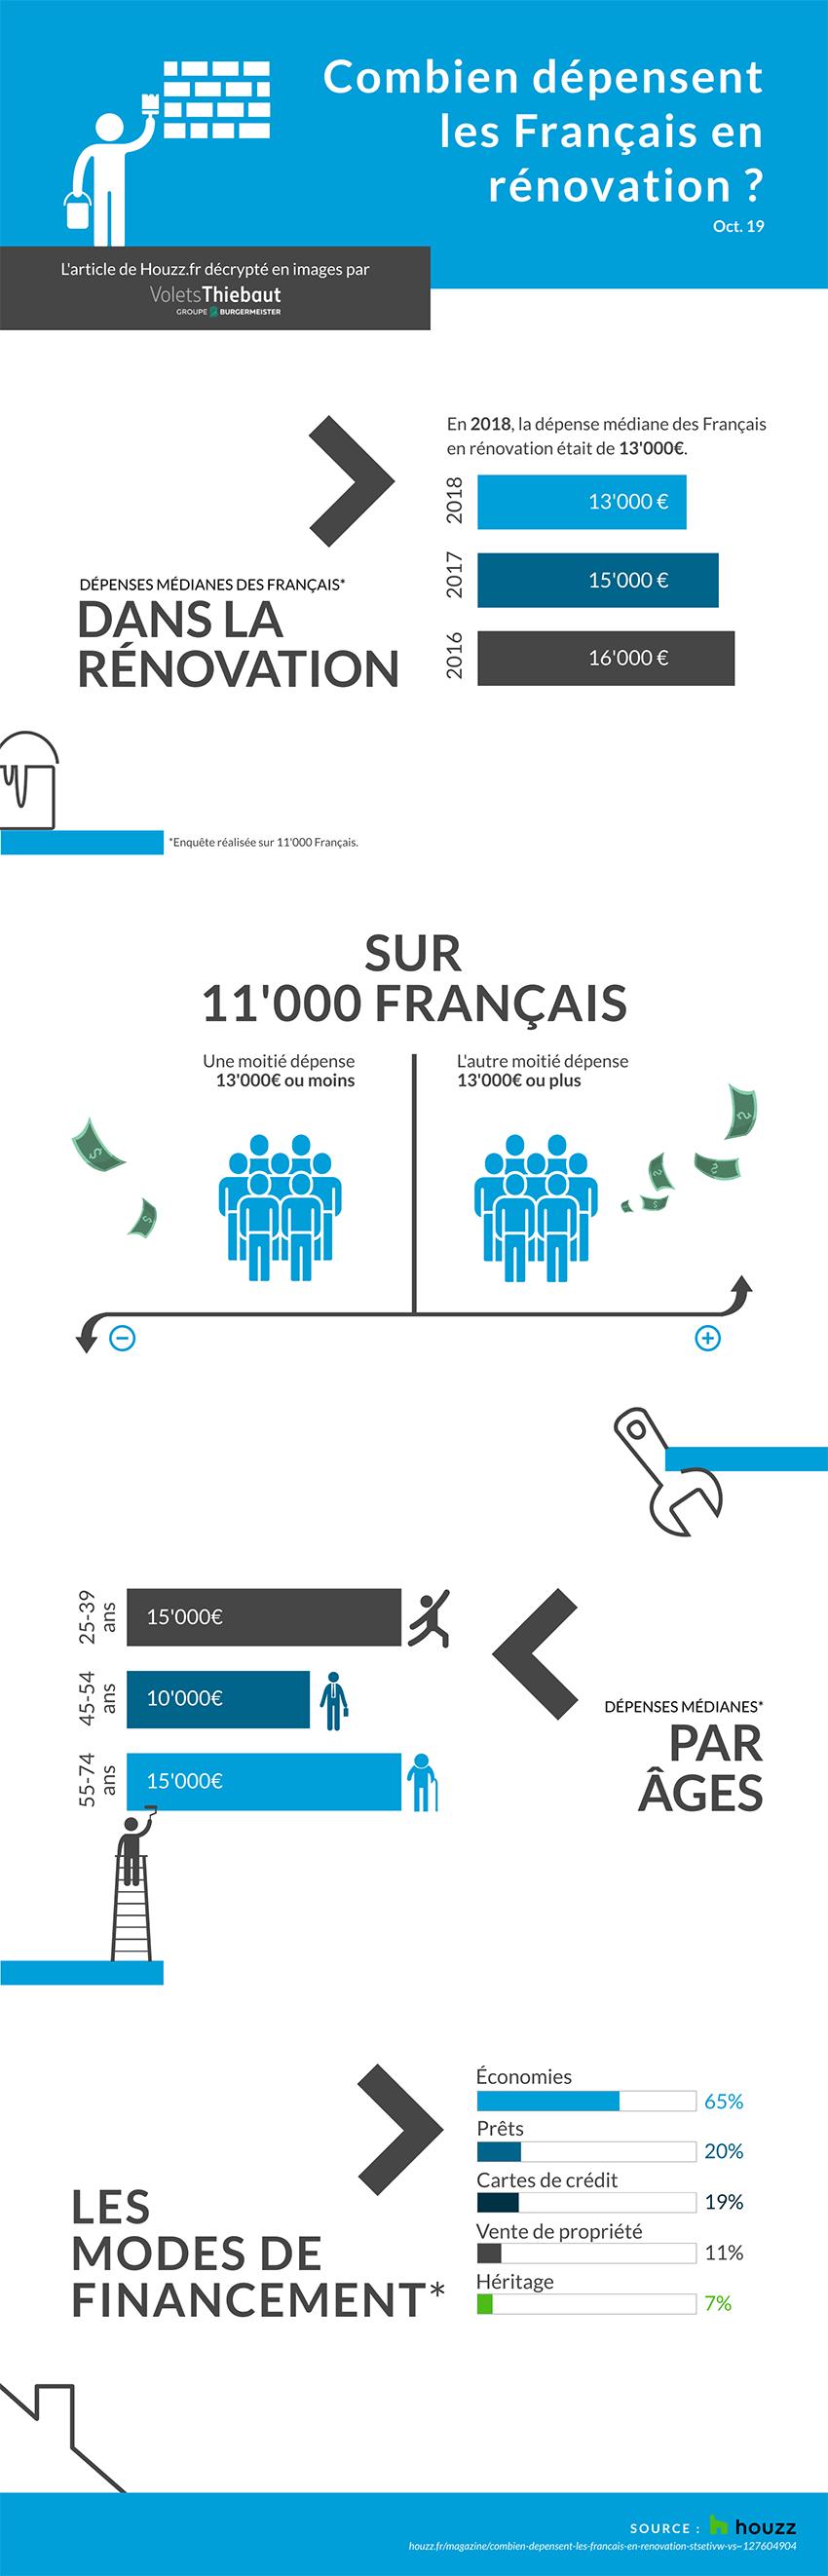 Infographie dépenses des Français en rénovation